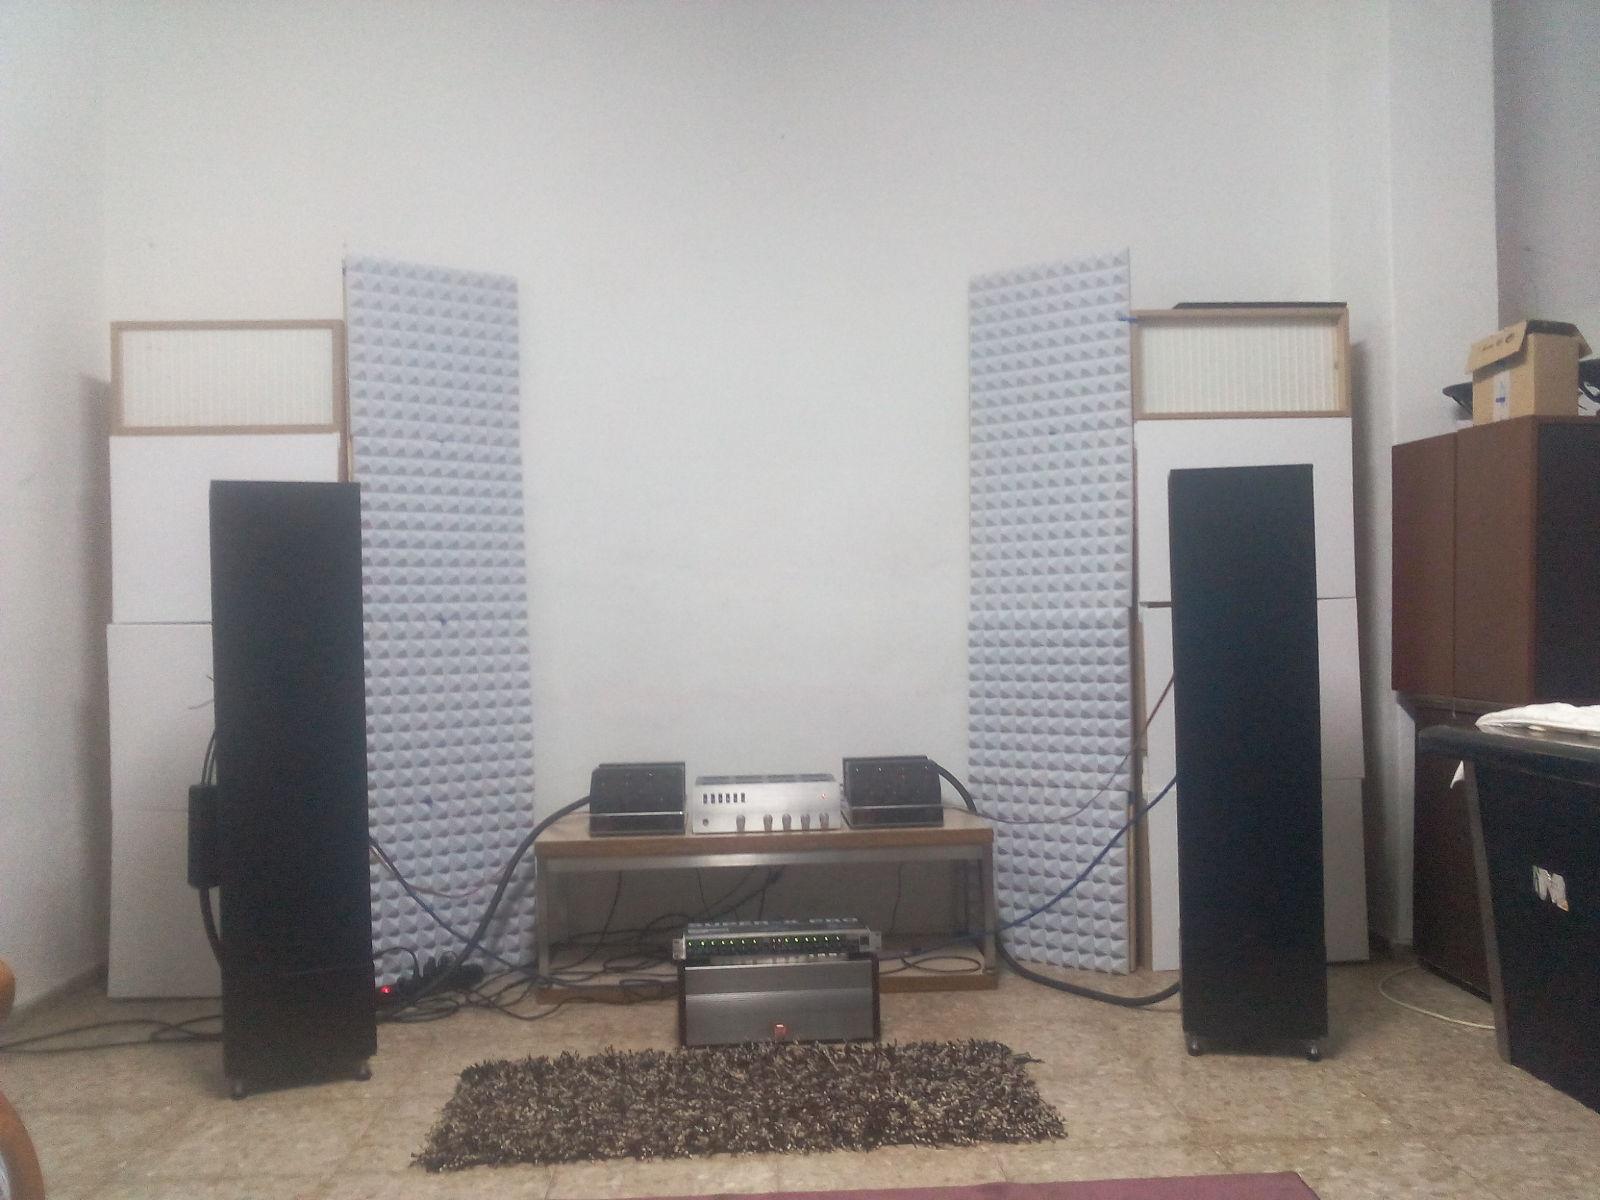 Mejorar habitacion pequeña- Ipmkuh